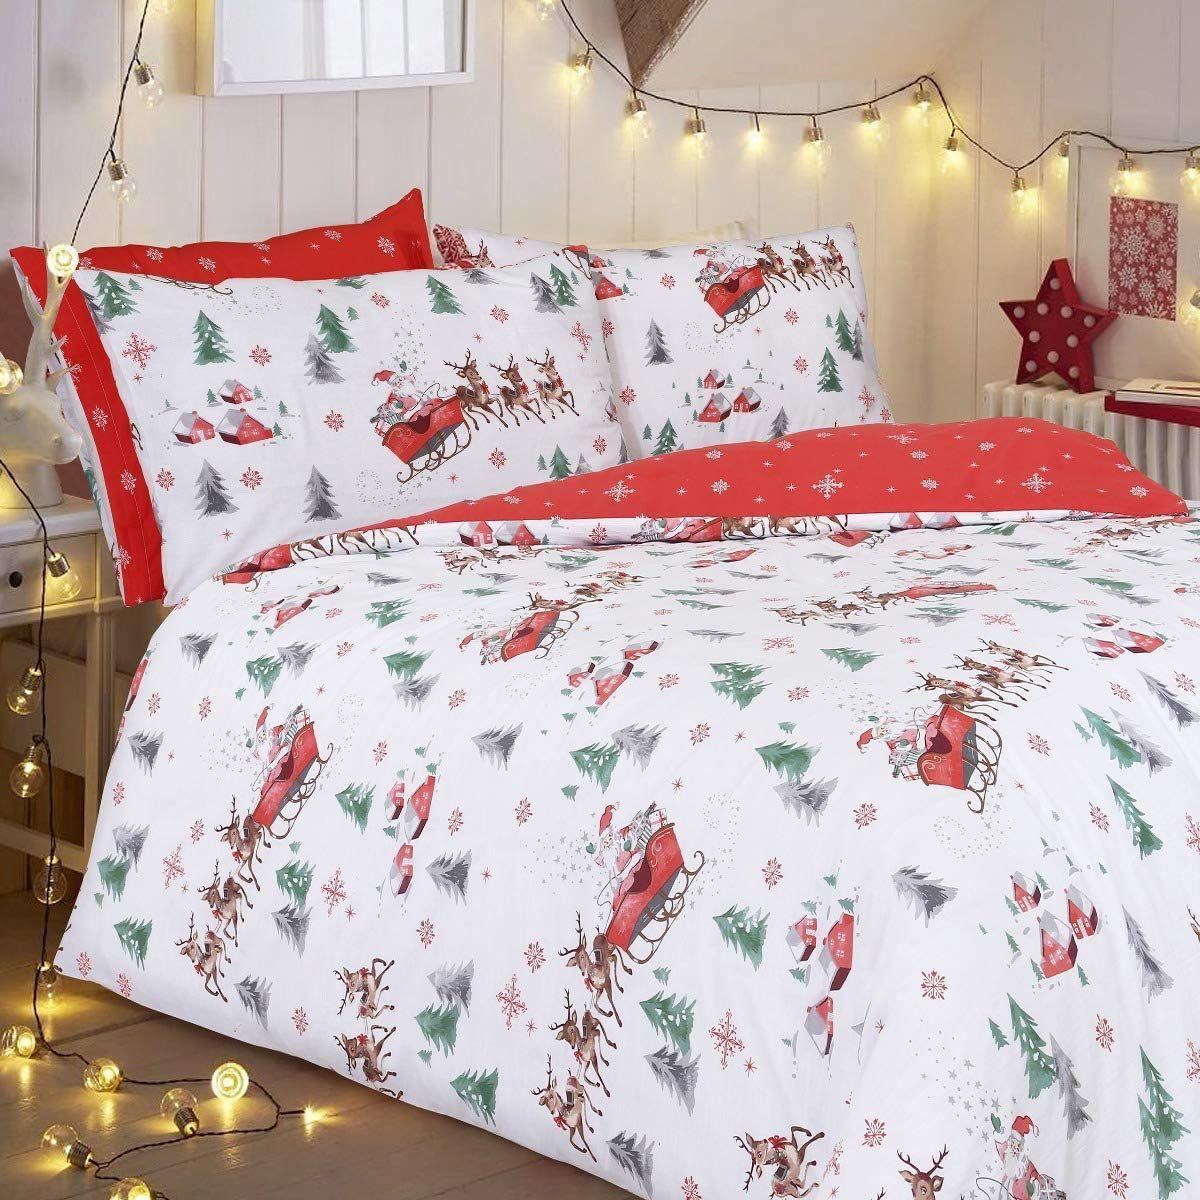 Cotton Flannel Christmas Duvet Cover